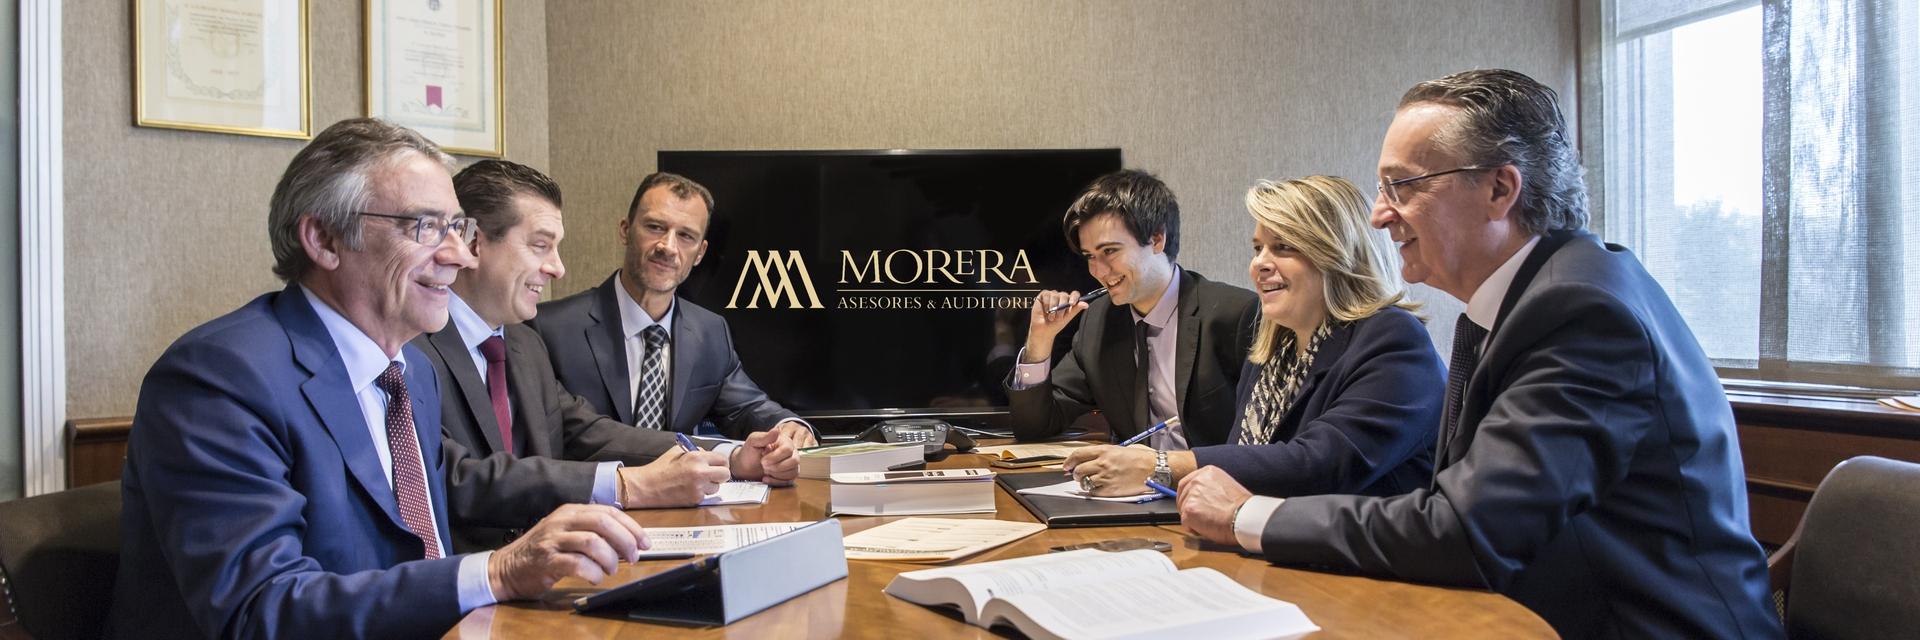 Departamento de Auditoría de Cuentas Morera